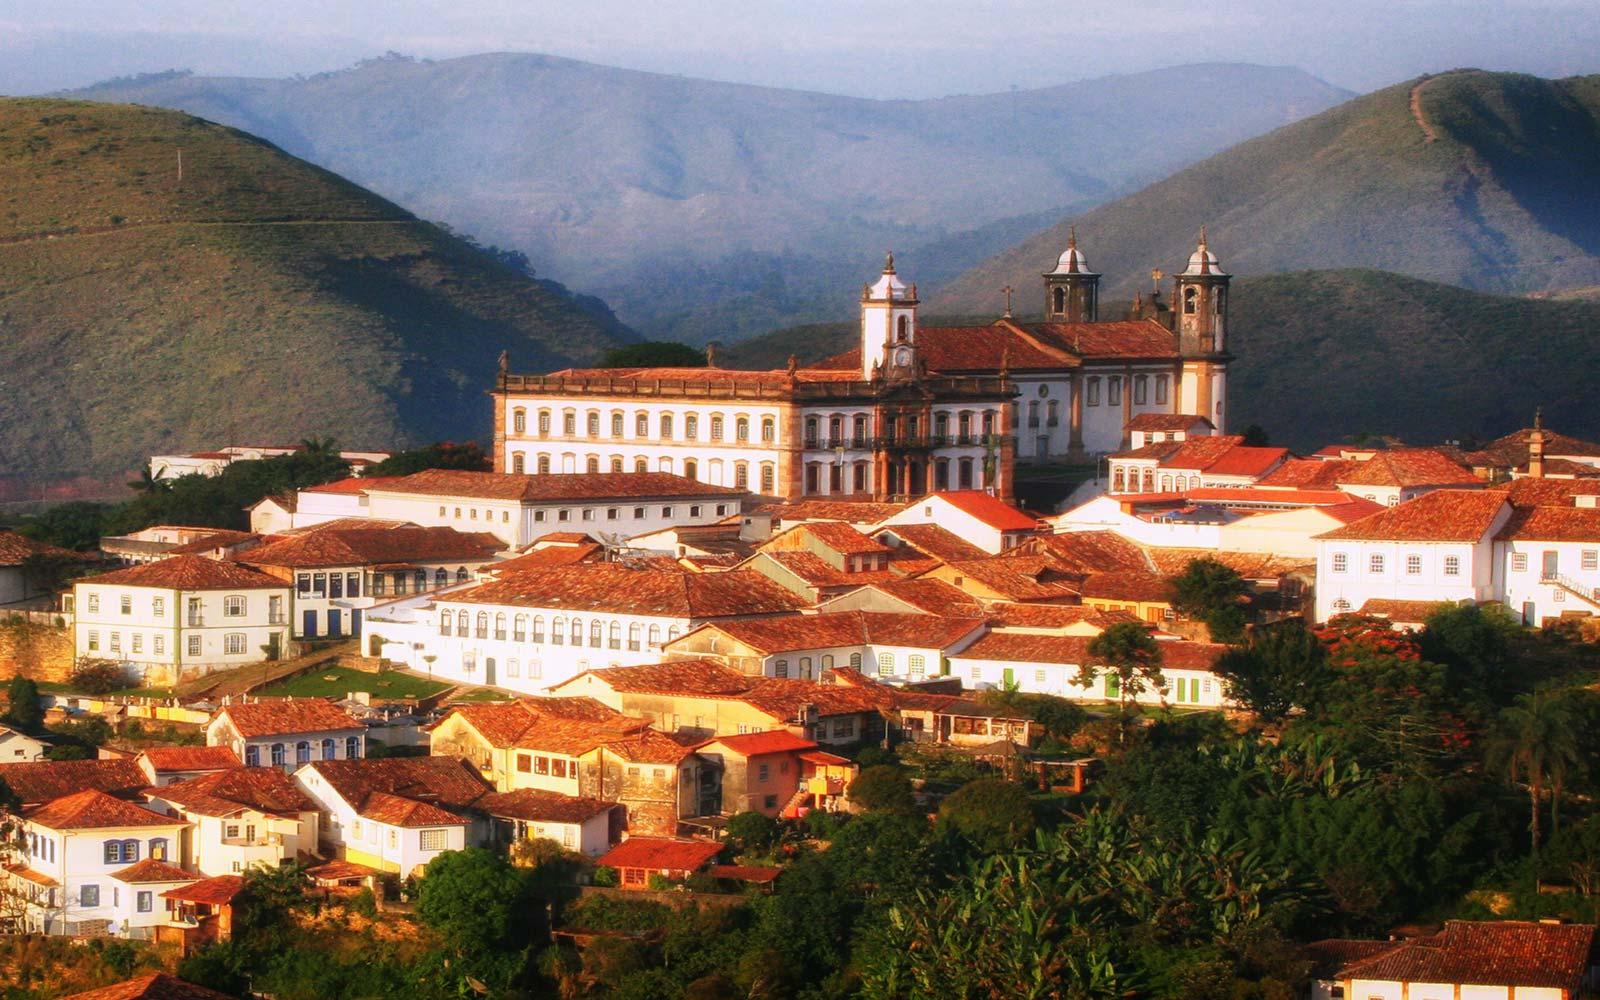 viajar-turismo-pacotes-viagens-nacionais-internacionais-minas-gerais-ouro-preto